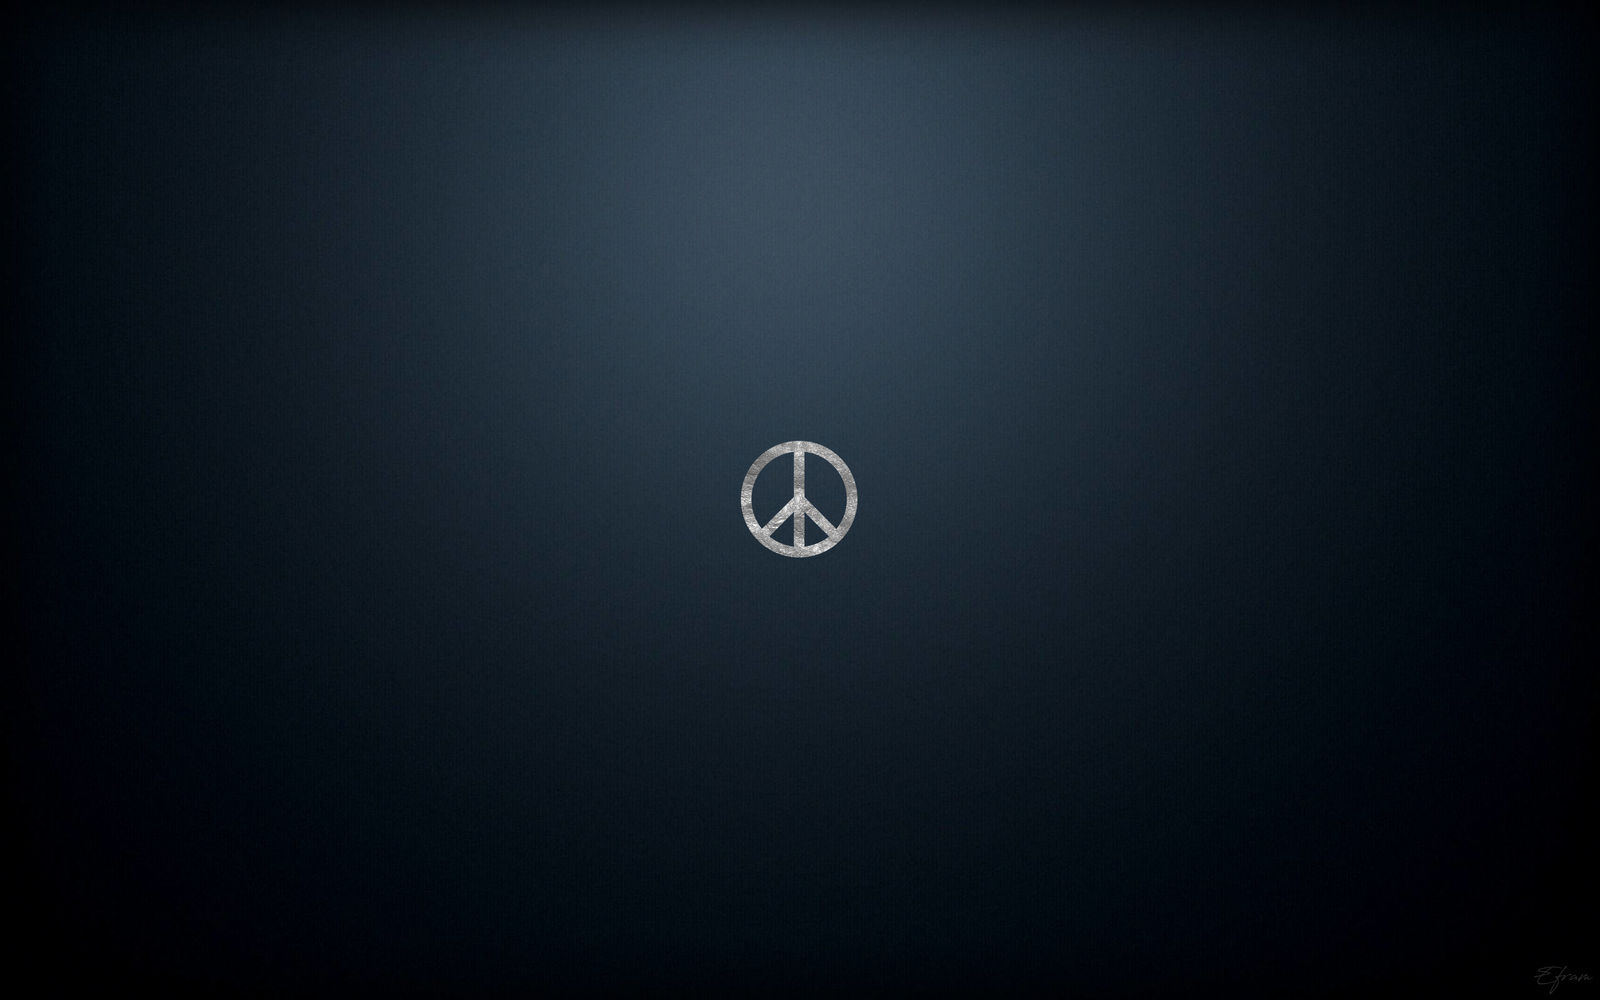 Peace Wallpaper 4k Silver By Swizzbeatz1 On Deviantart